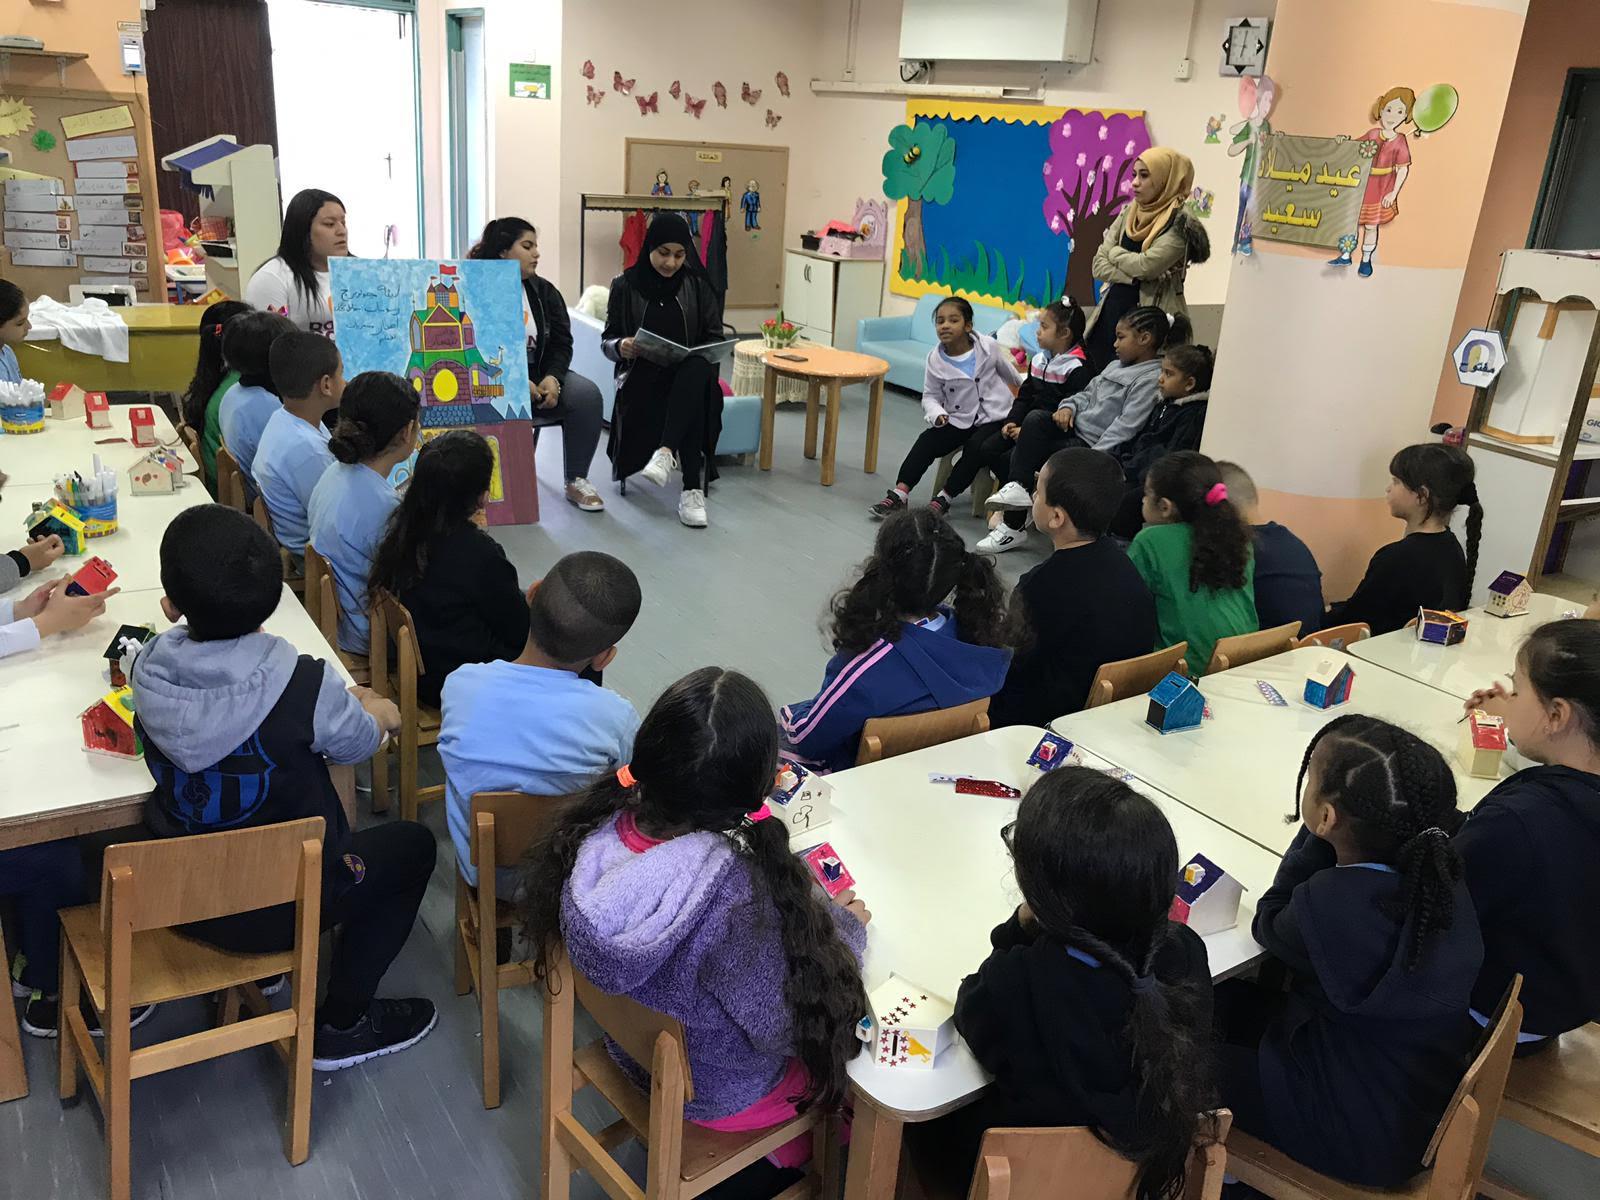 روح العطاء والتطوع للخير في يوم الأعمال الخيرية في مدرسة يافا الشاملة